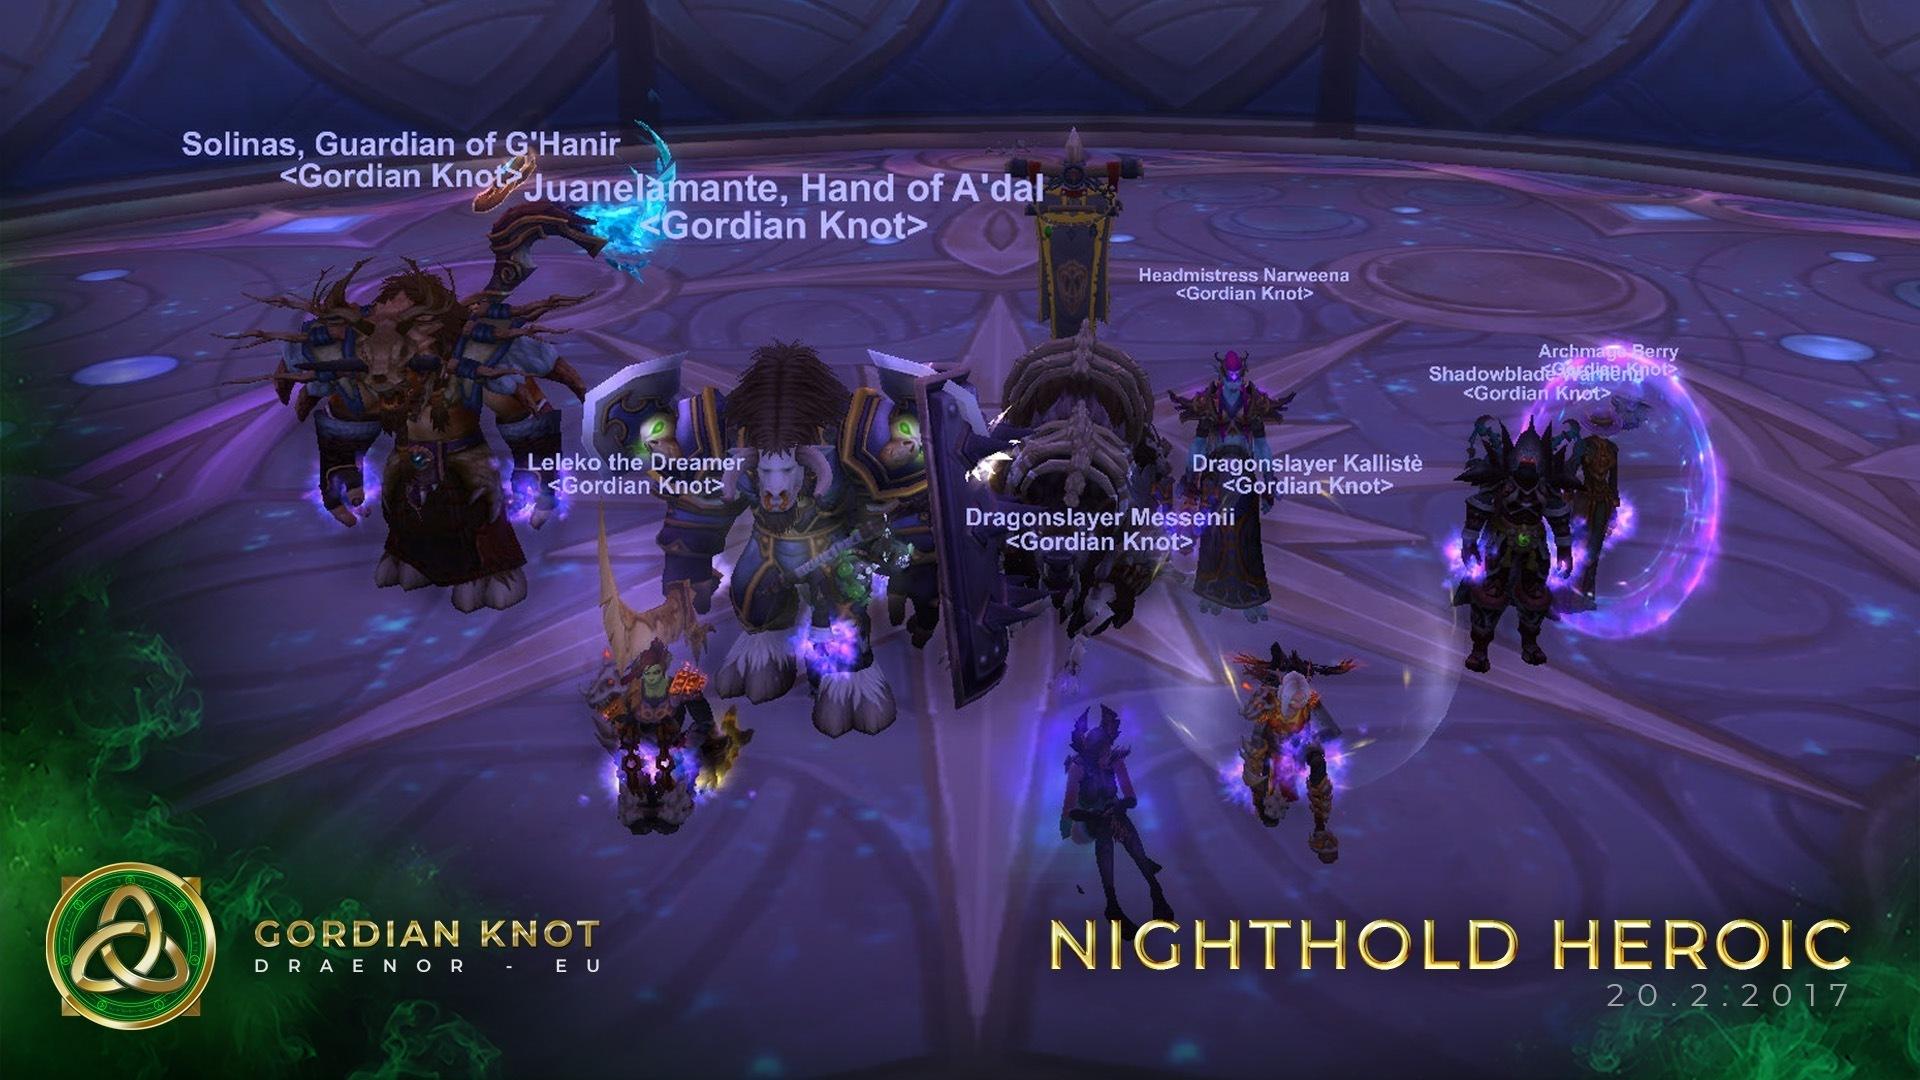 Nighthold Heroic